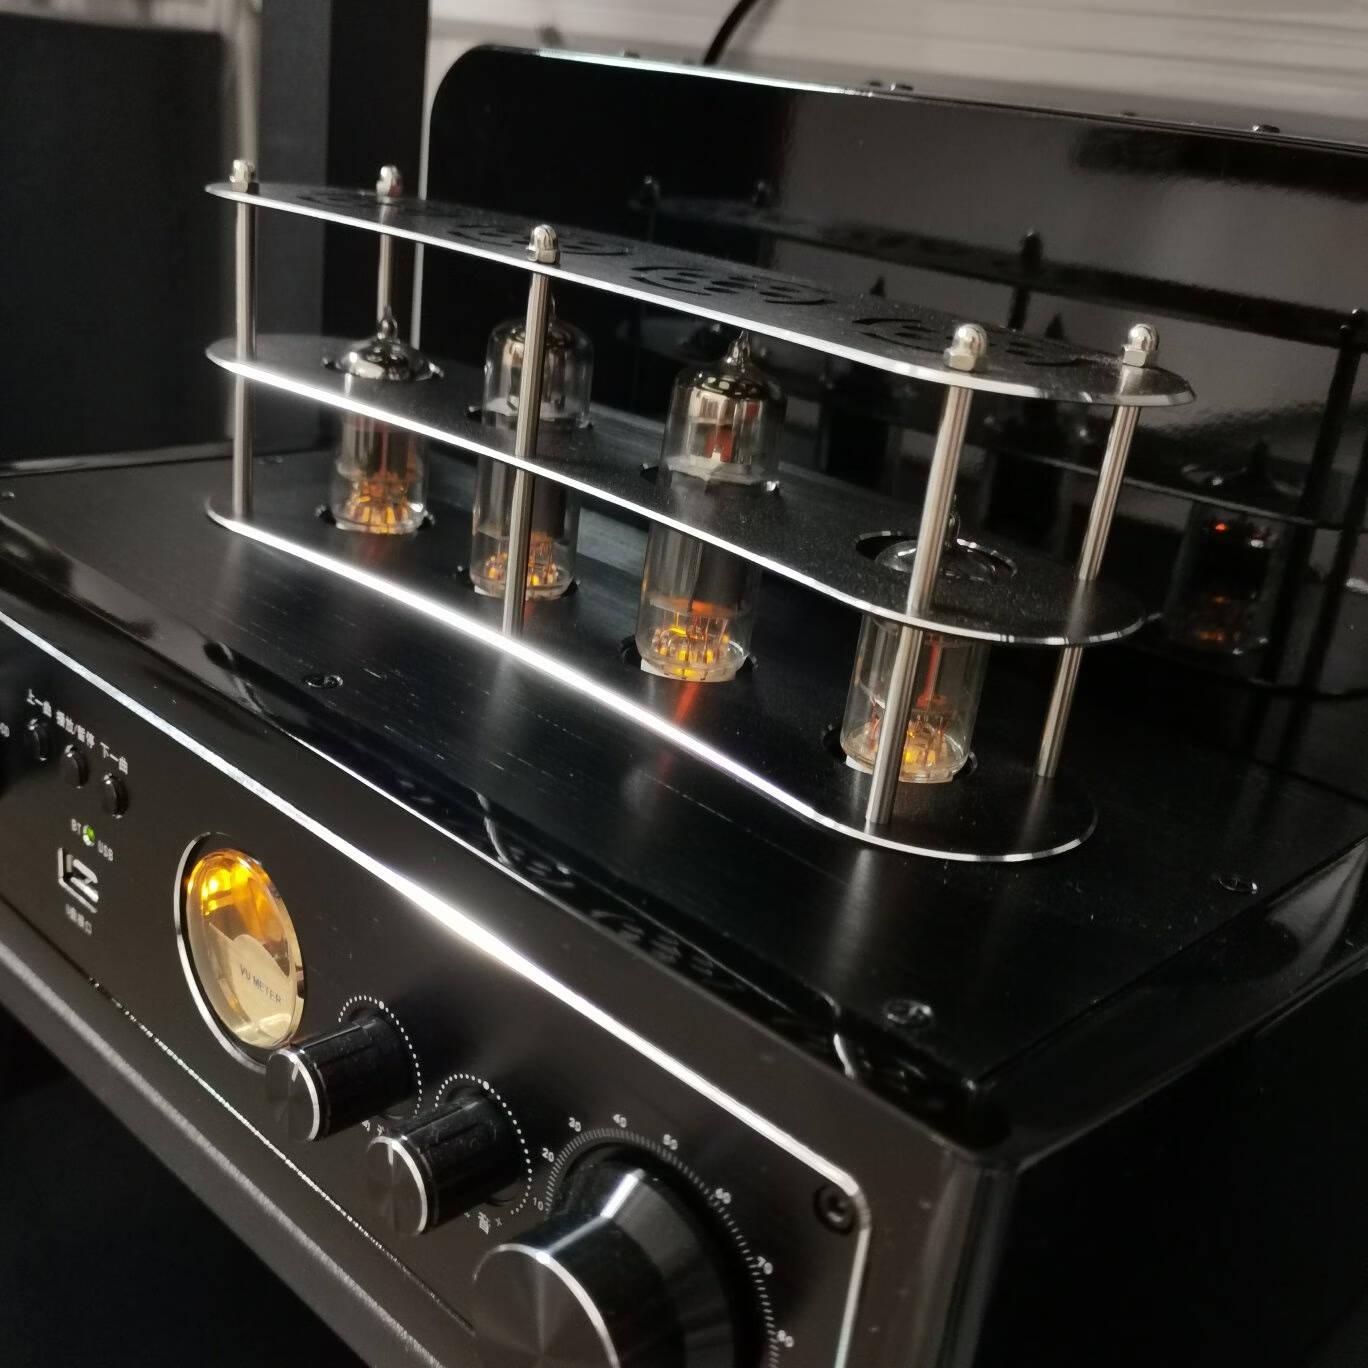 山水(SANSUI)电子管胆机功放发烧级音响hifi功放电脑手机蓝牙音箱家用电视组合音响2.0低音炮黑色